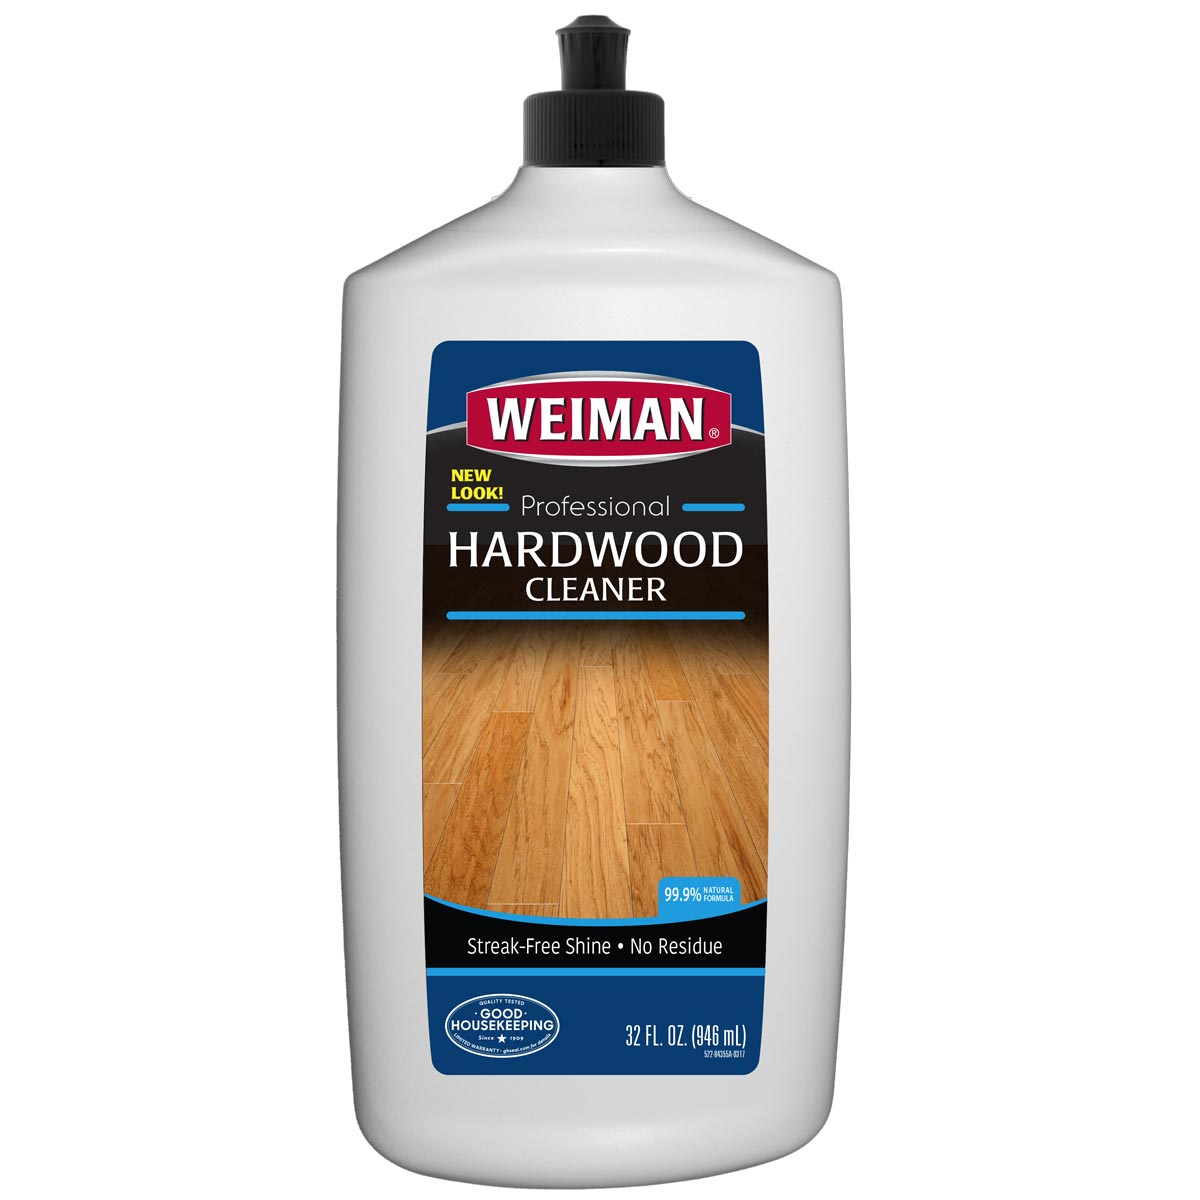 https://googone.com/media/catalog/product/w/e/weiman-hardwood-floor-cleaner_front_4.jpg